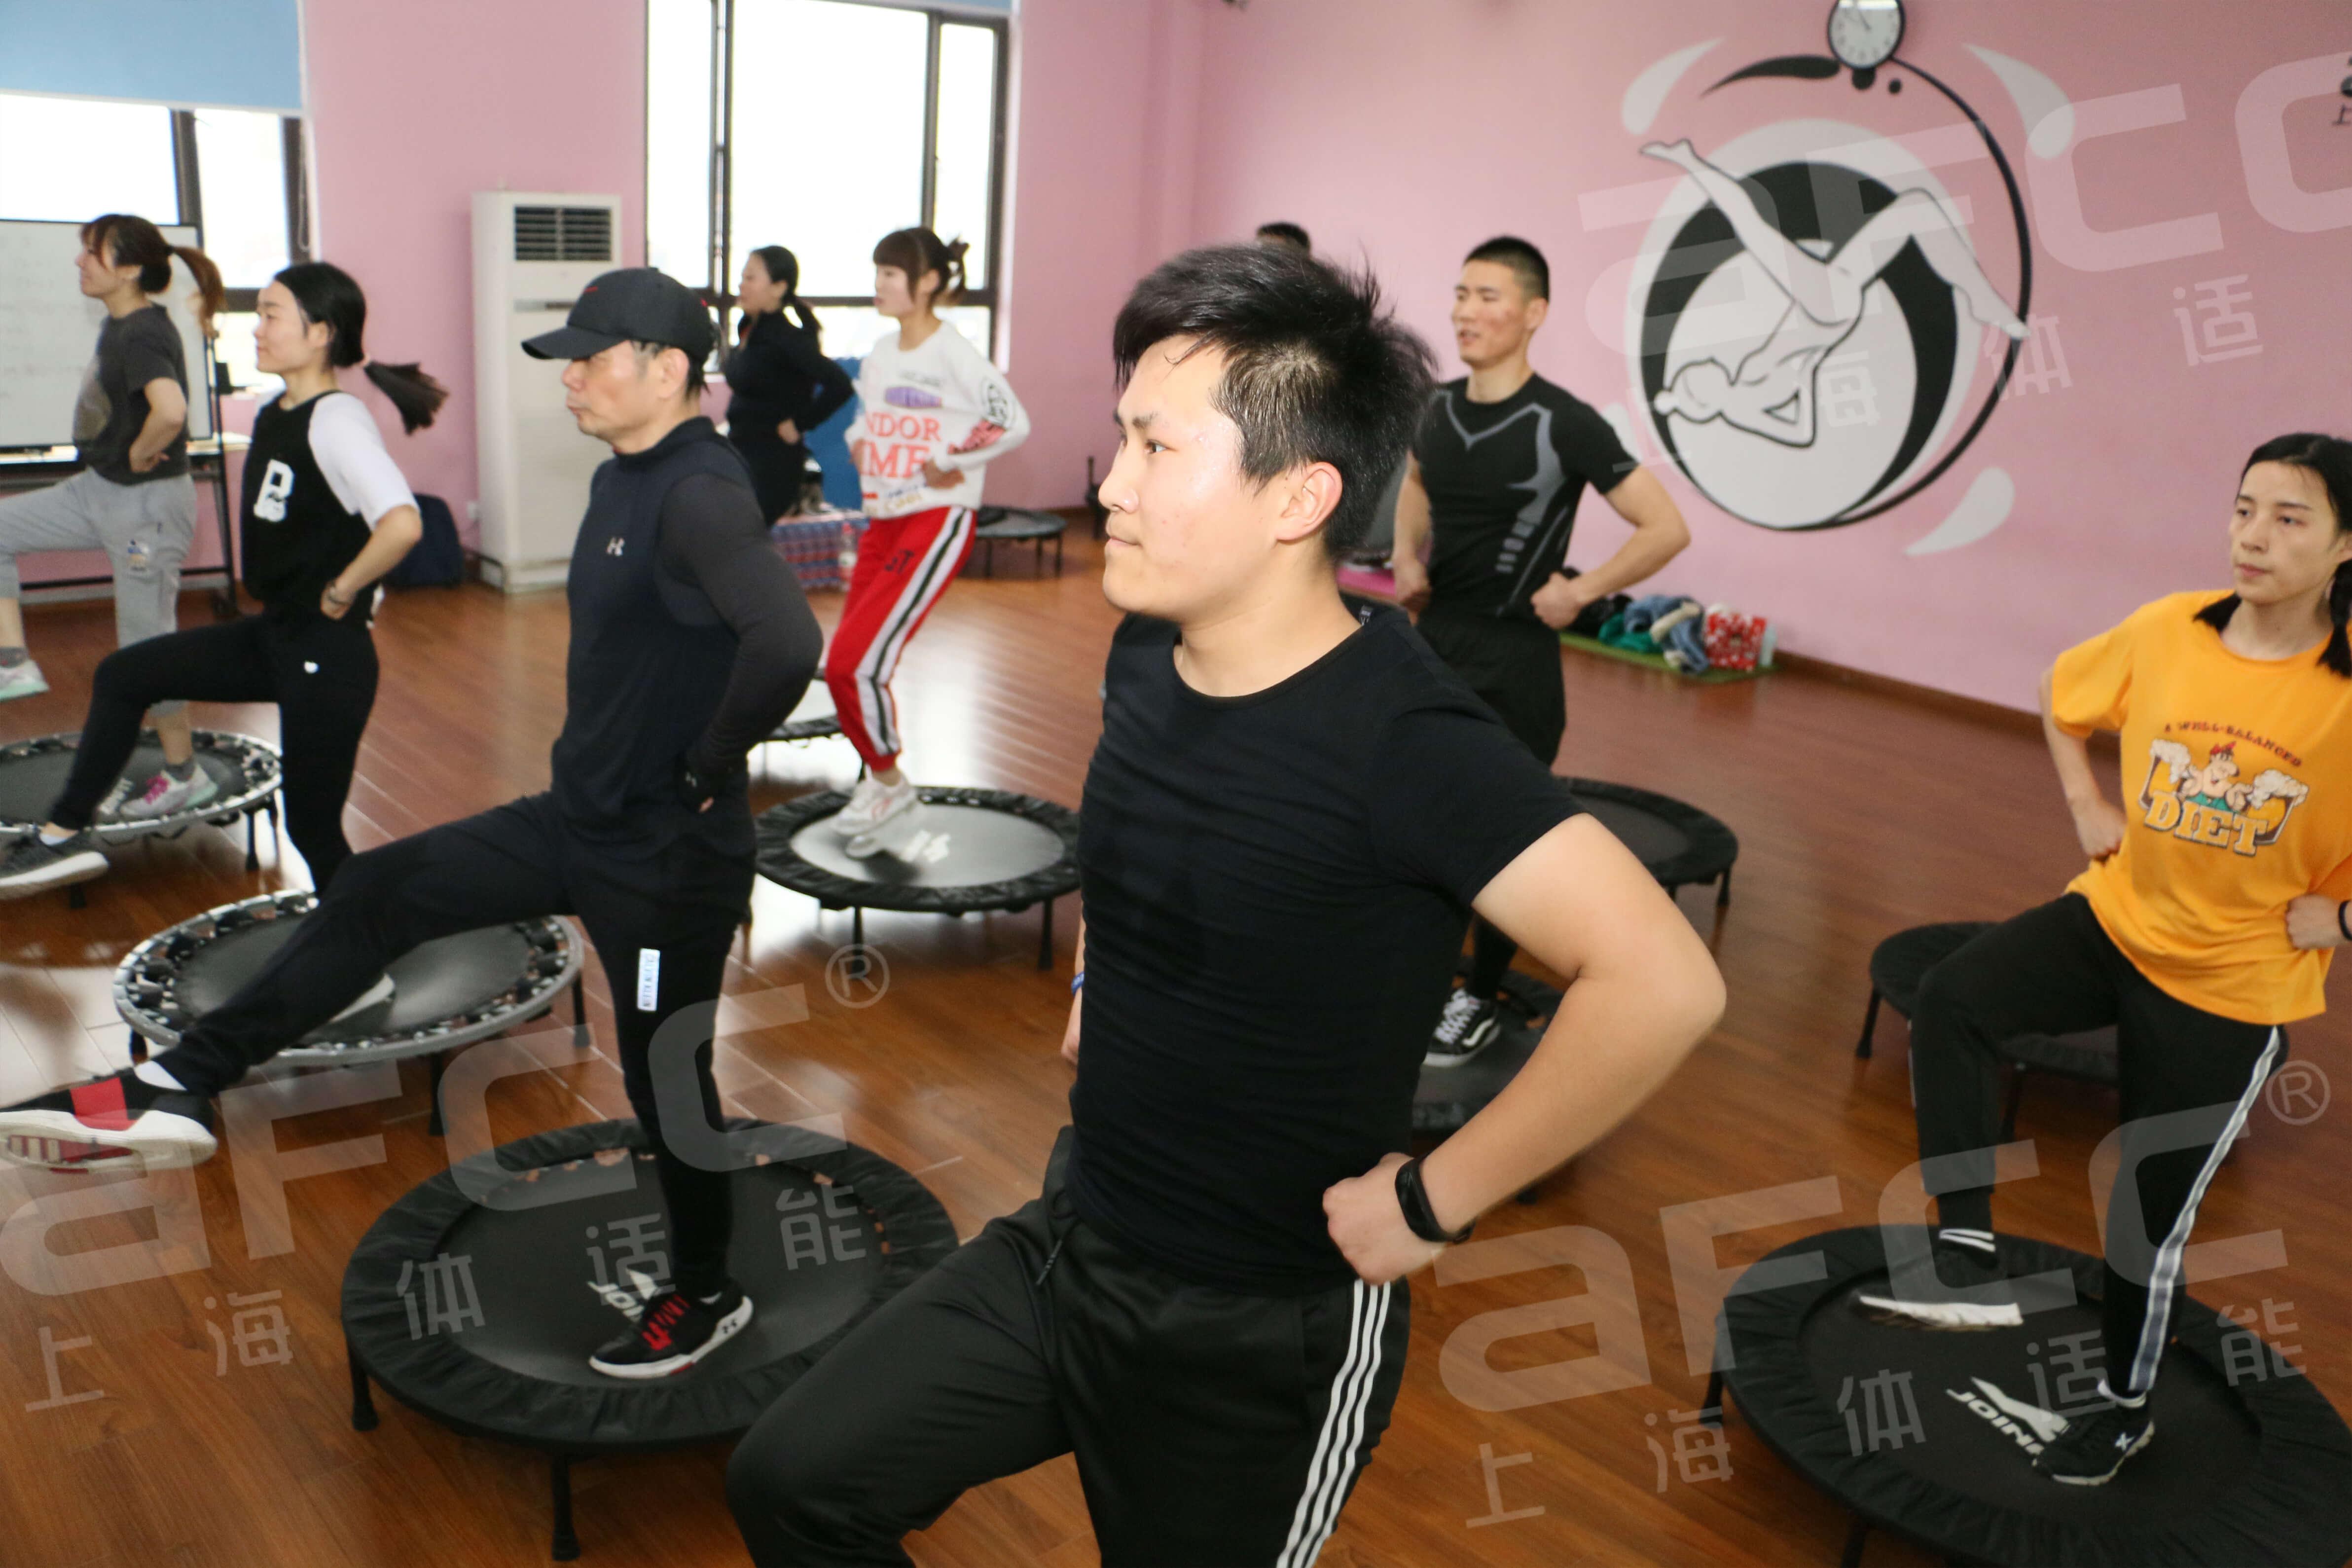 蹦床健身操课程是当下各大俱乐部最热门也最火爆的操课项目之一